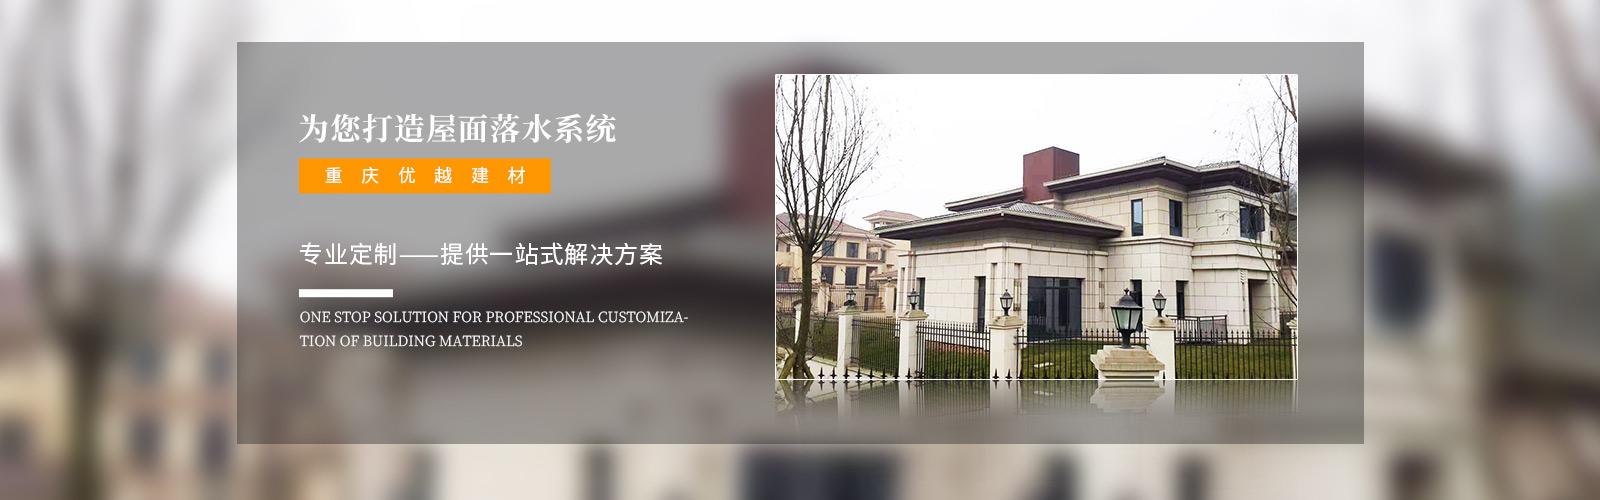 重庆屋面落水系统